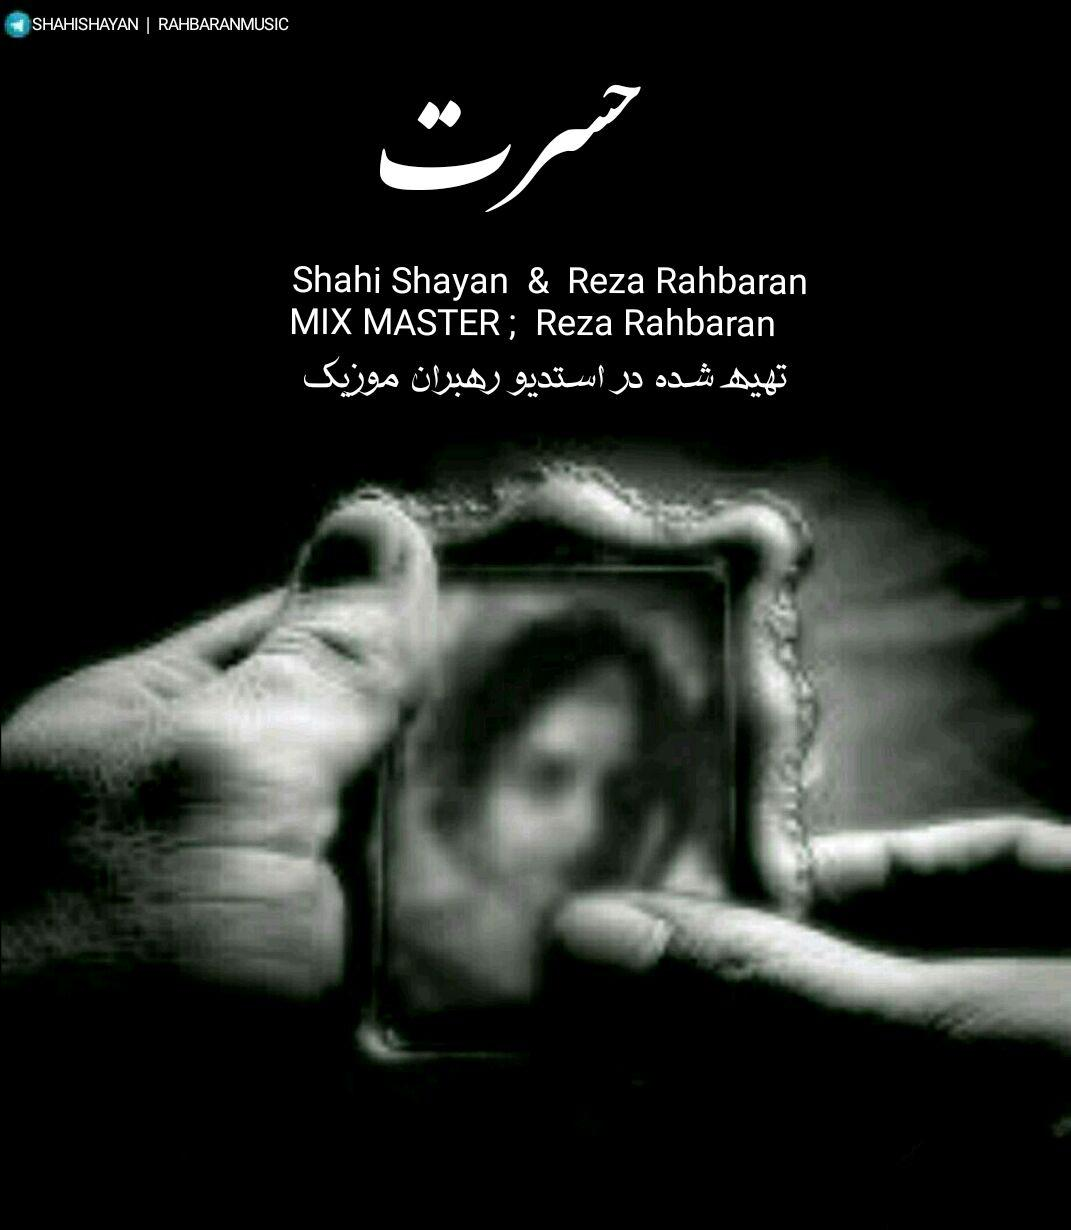 http://s9.picofile.com/file/8301054676/045Shahi_Shayan_Reza_Rahbaran_Hasrat.jpg